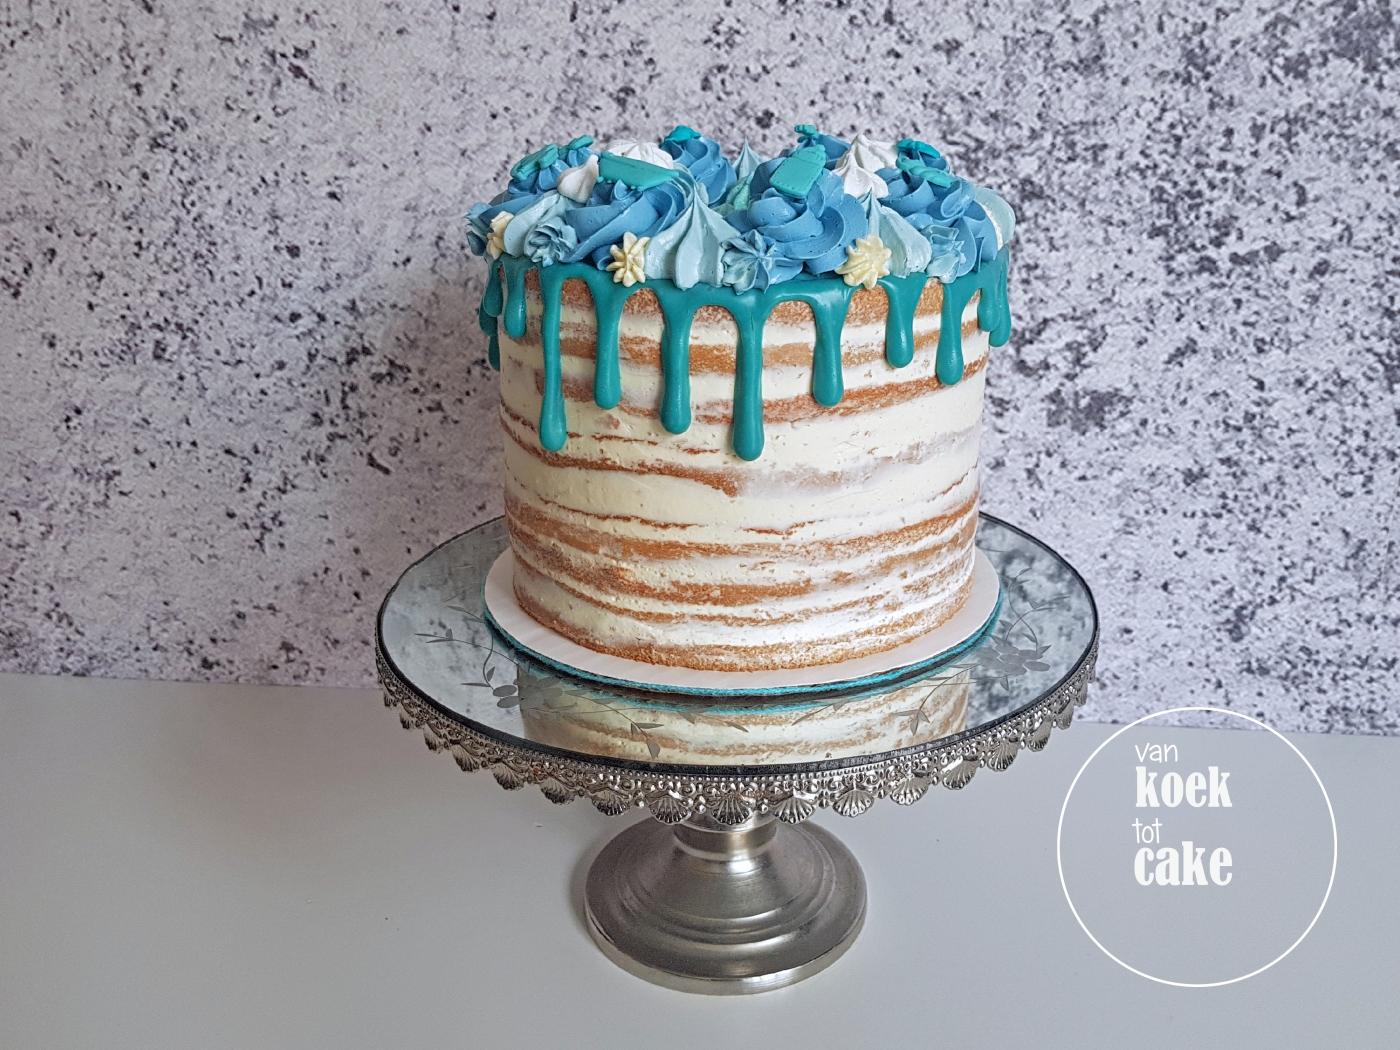 babyshower taart maken Nieuwe taart | Blauwe babyshower taart – van koek tot cake babyshower taart maken